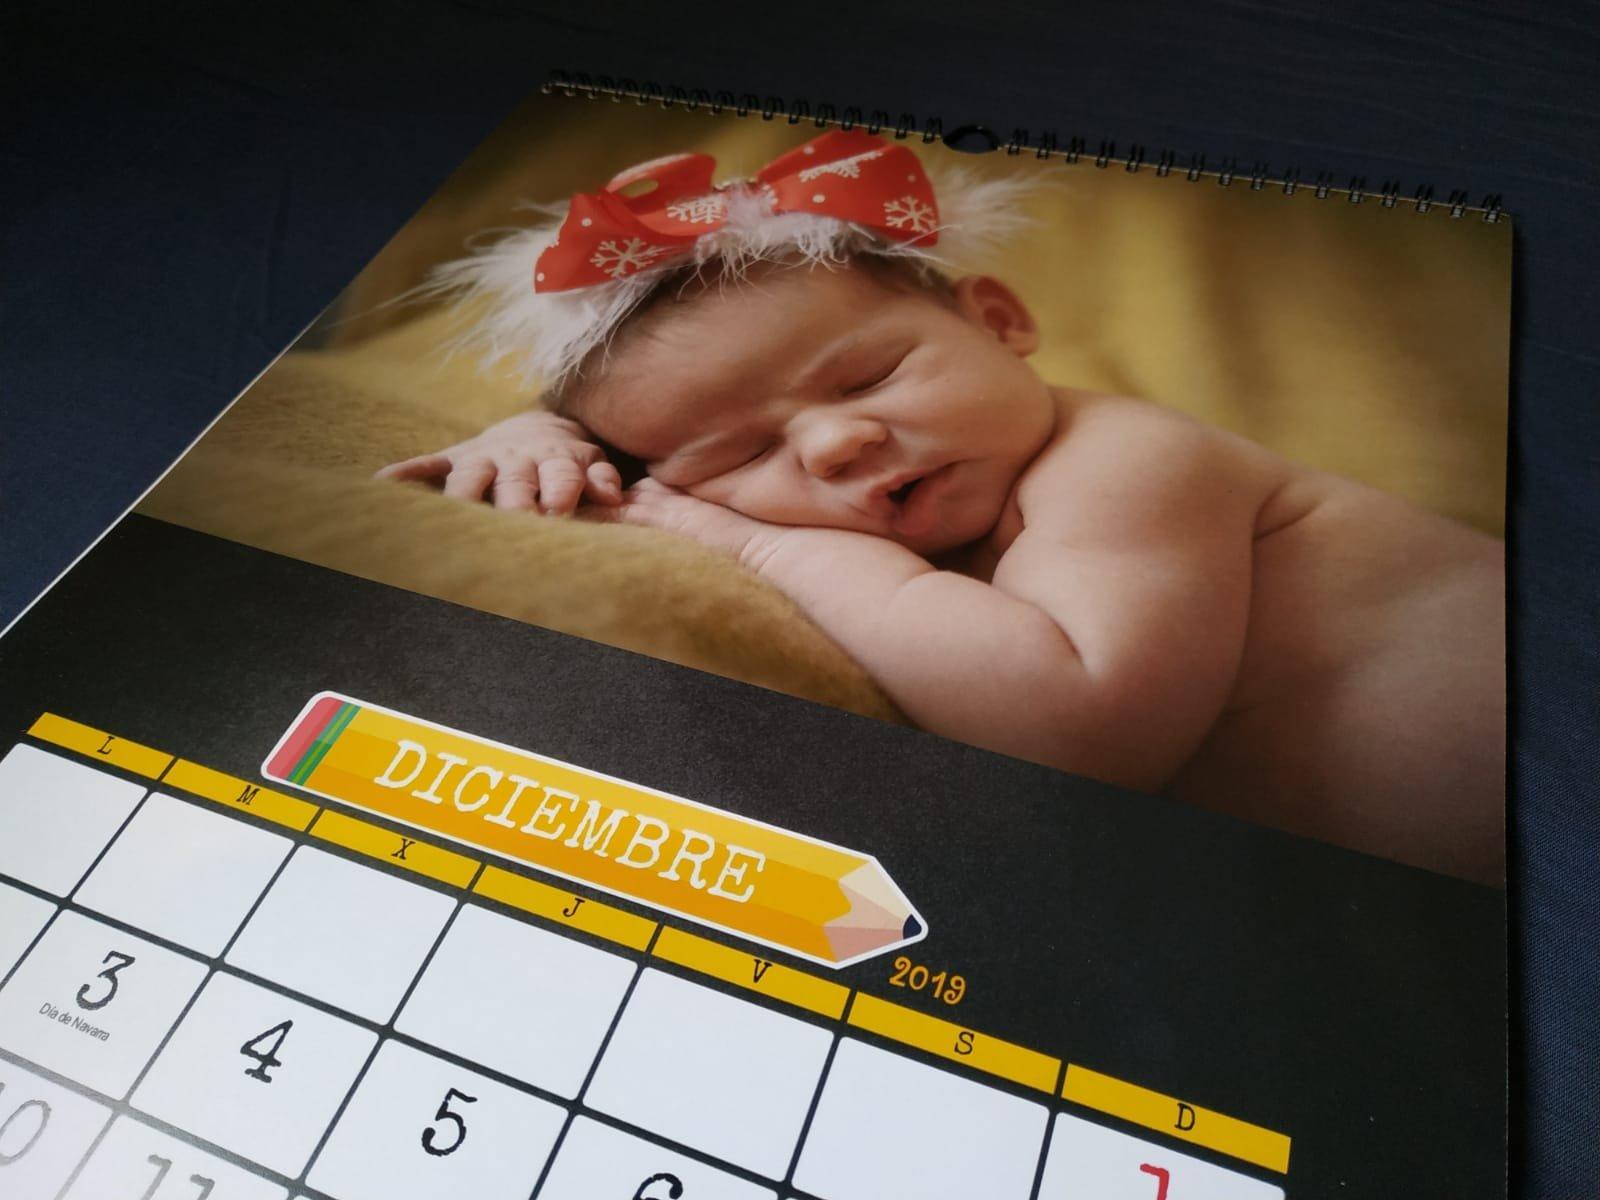 img 20181202 wa00441439821204 - Regala Calendarios Personalizados. Con descuentazo!